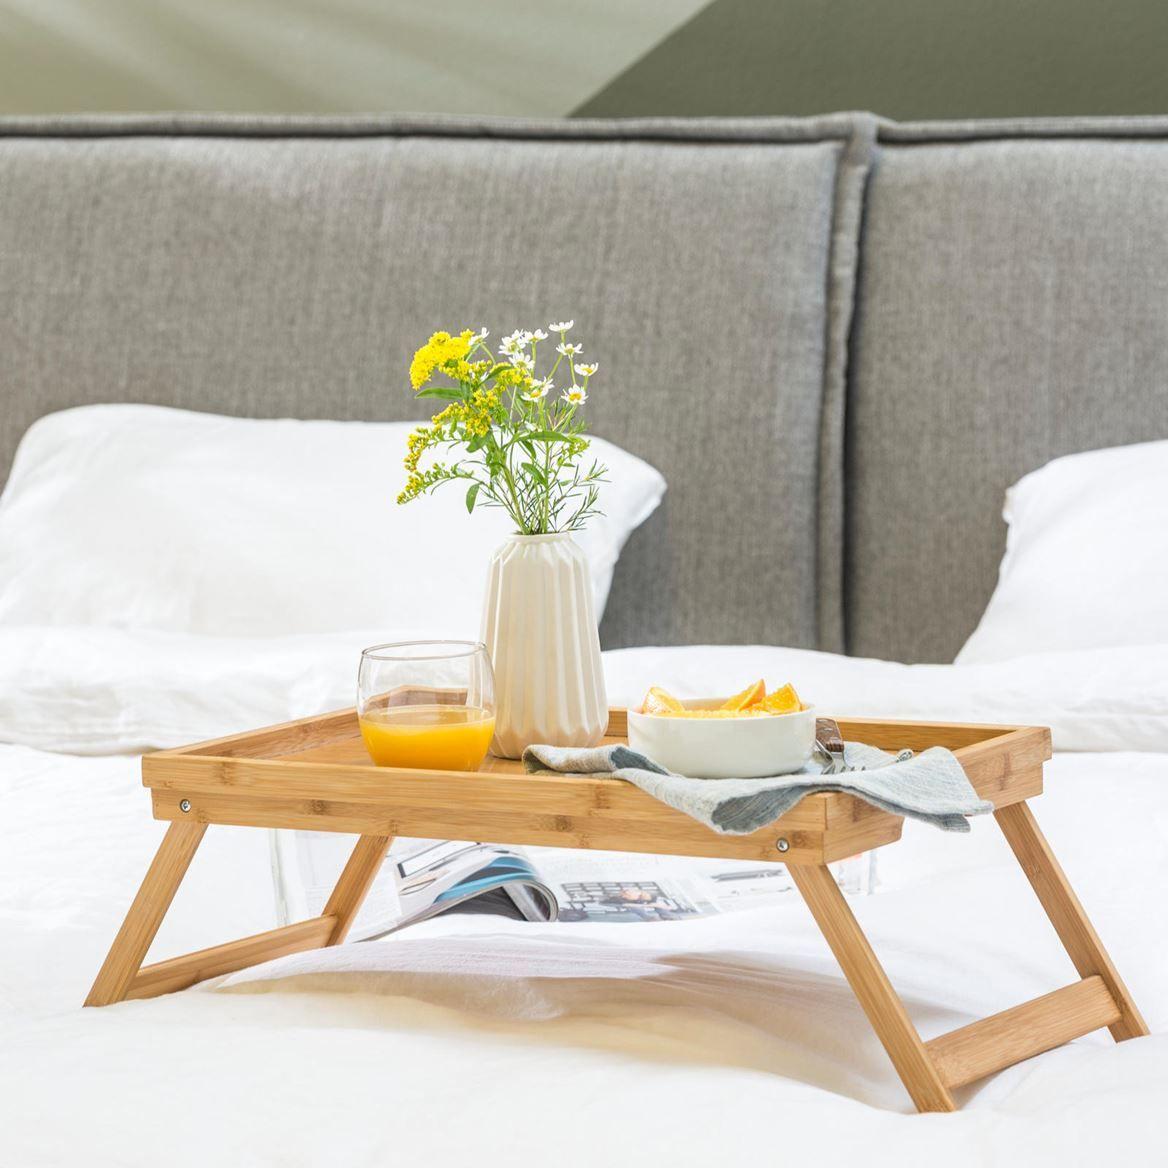 Bandeja de cama de bambú